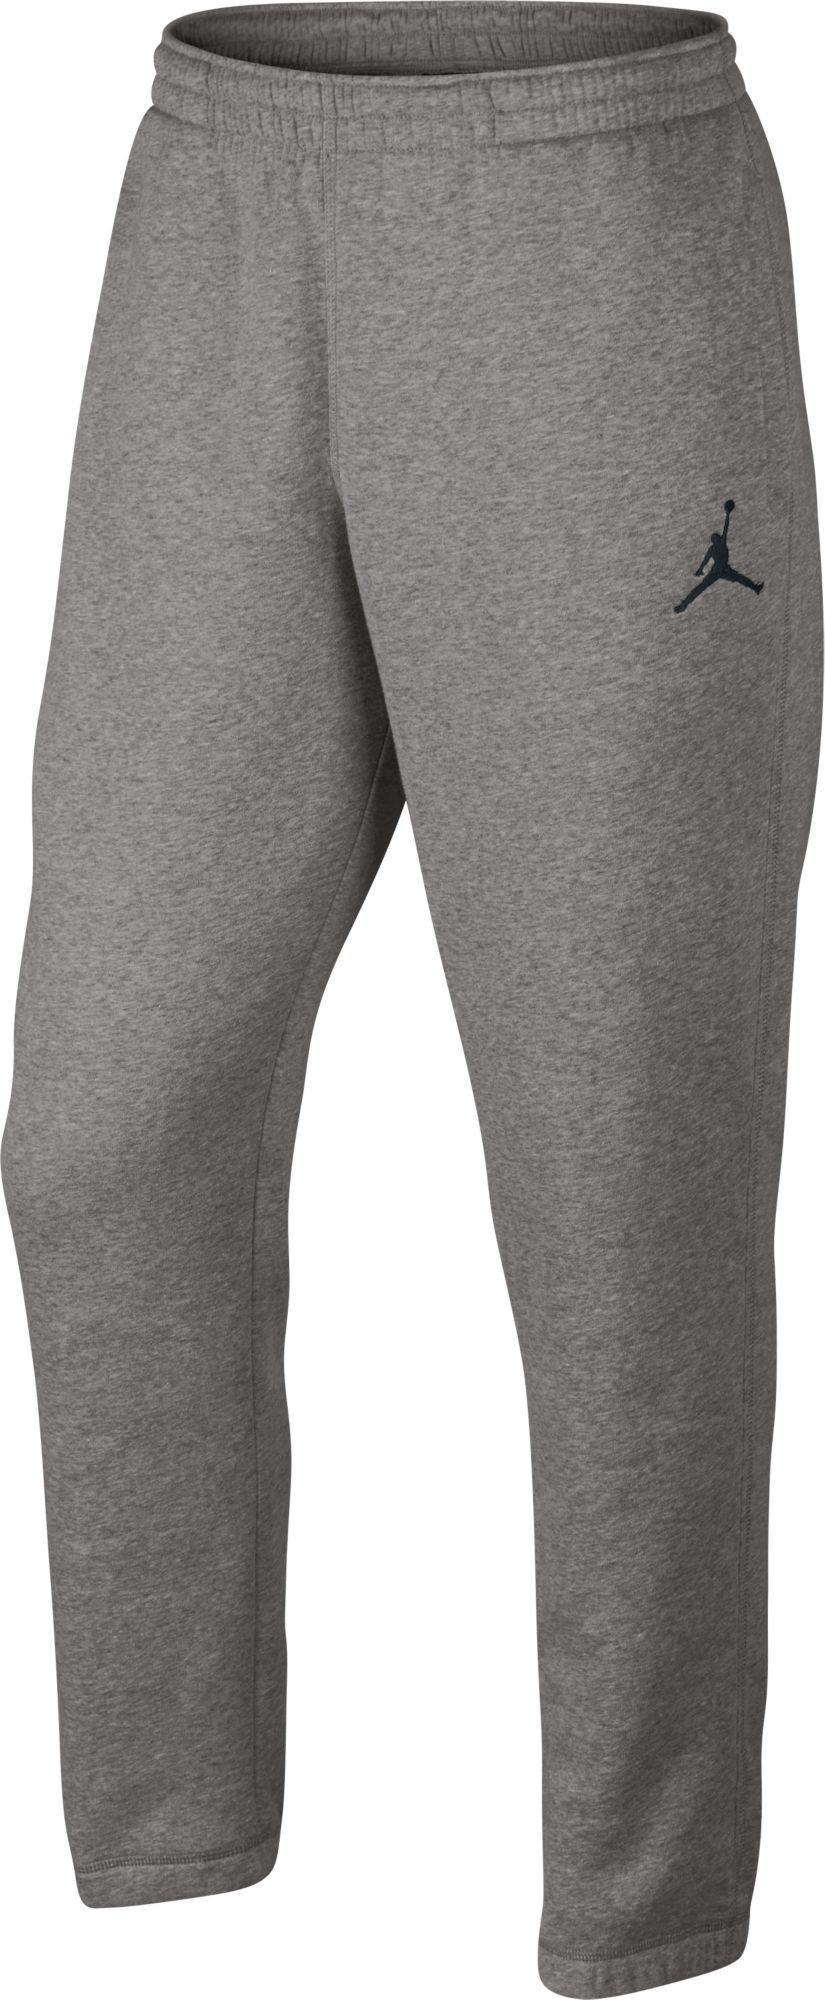 82be8019bf4 Lyst - Jordan Jumpman Brushed Tapered Sweatpants in Gray for Men